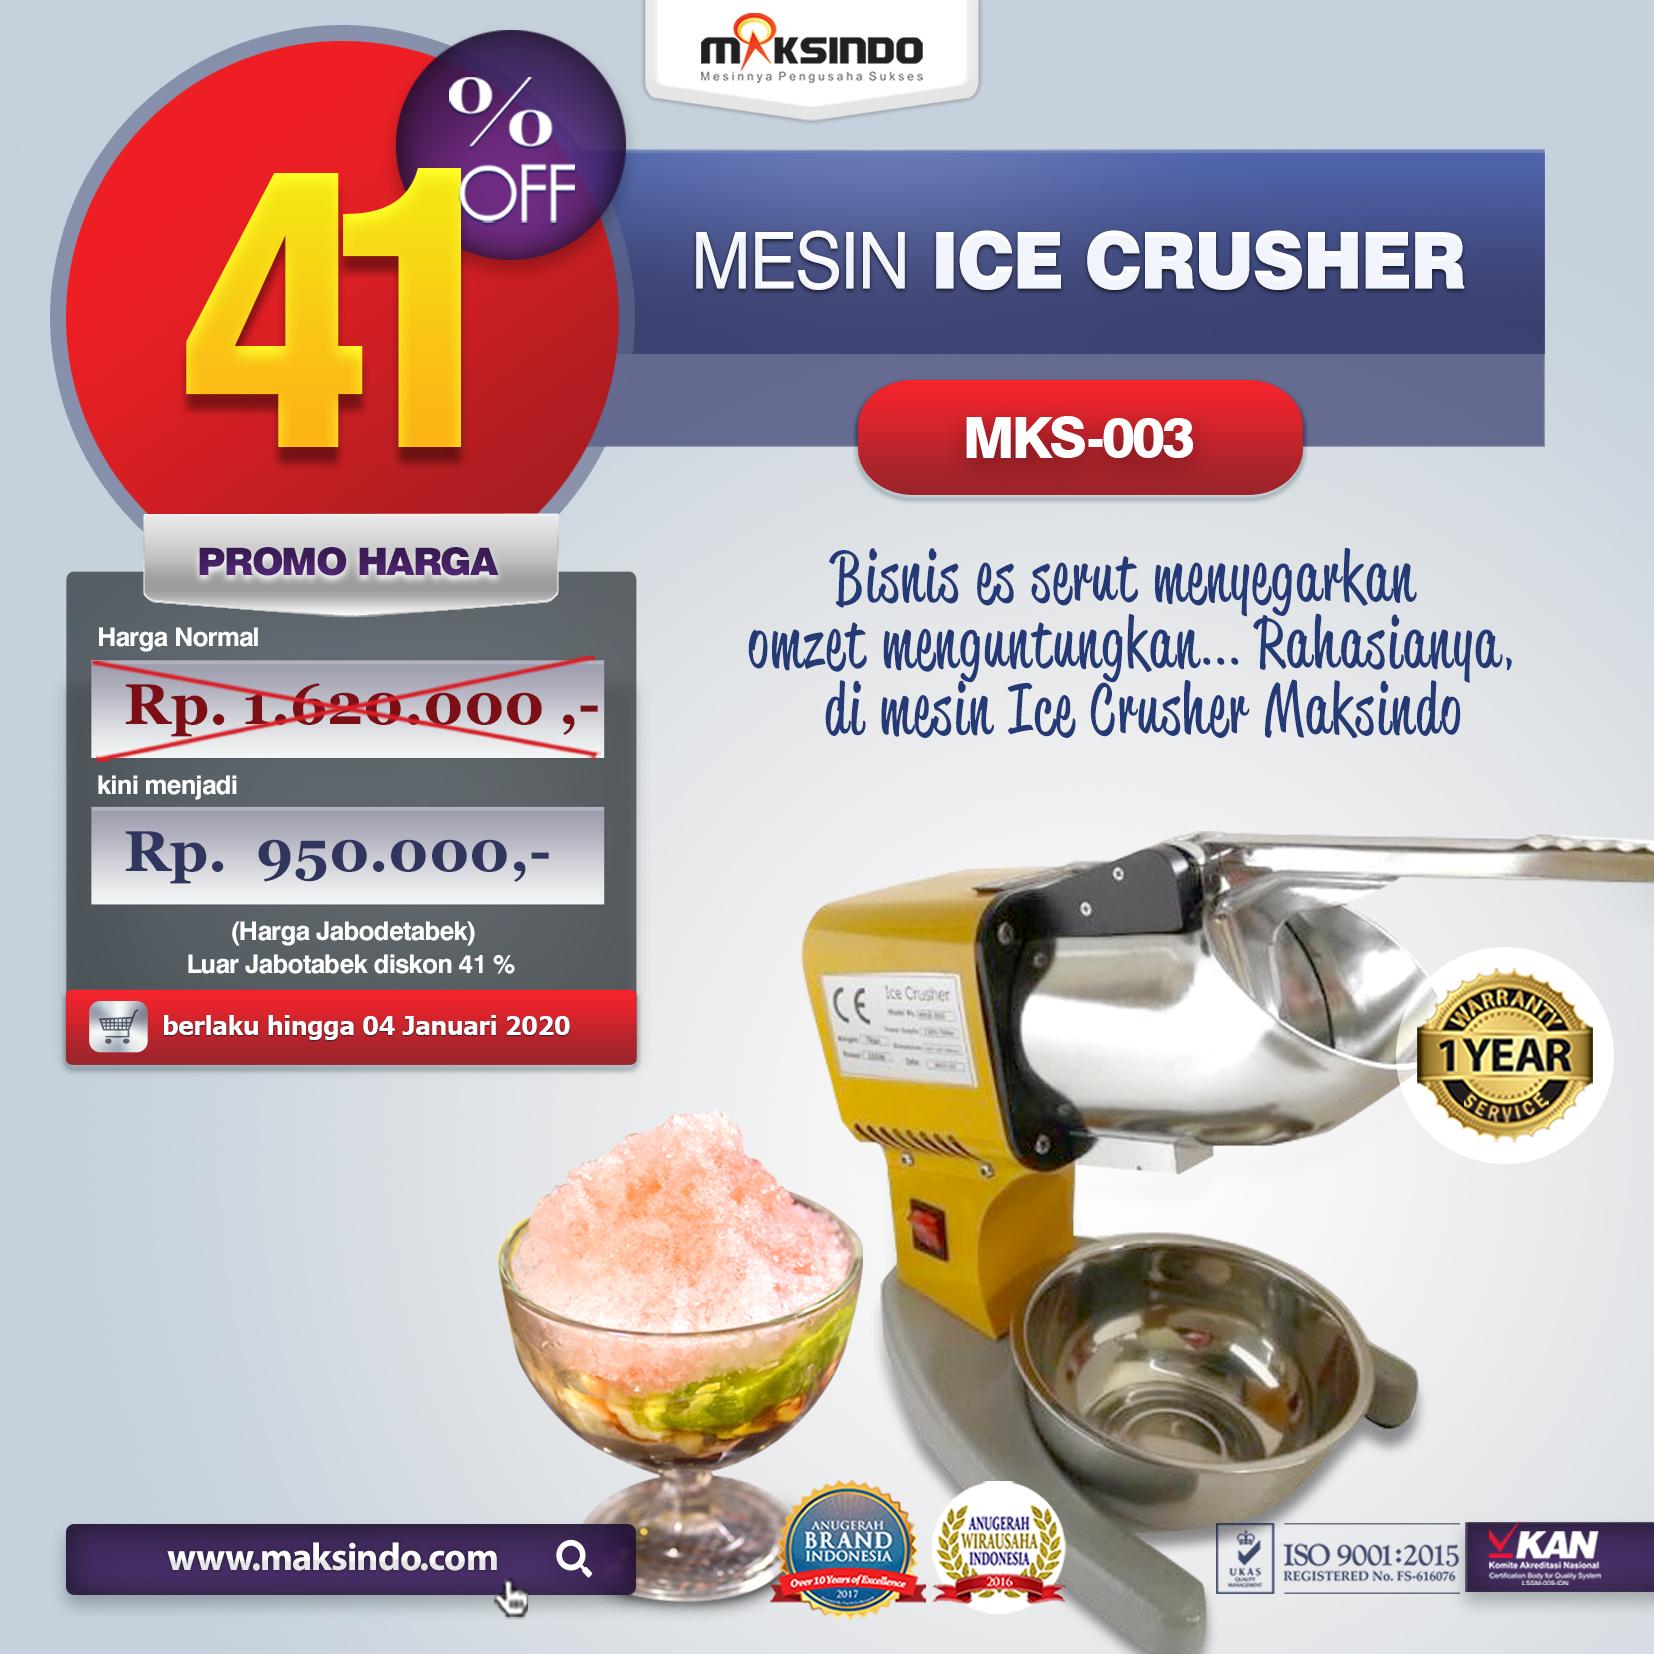 MKS 003 mesin ice crusher